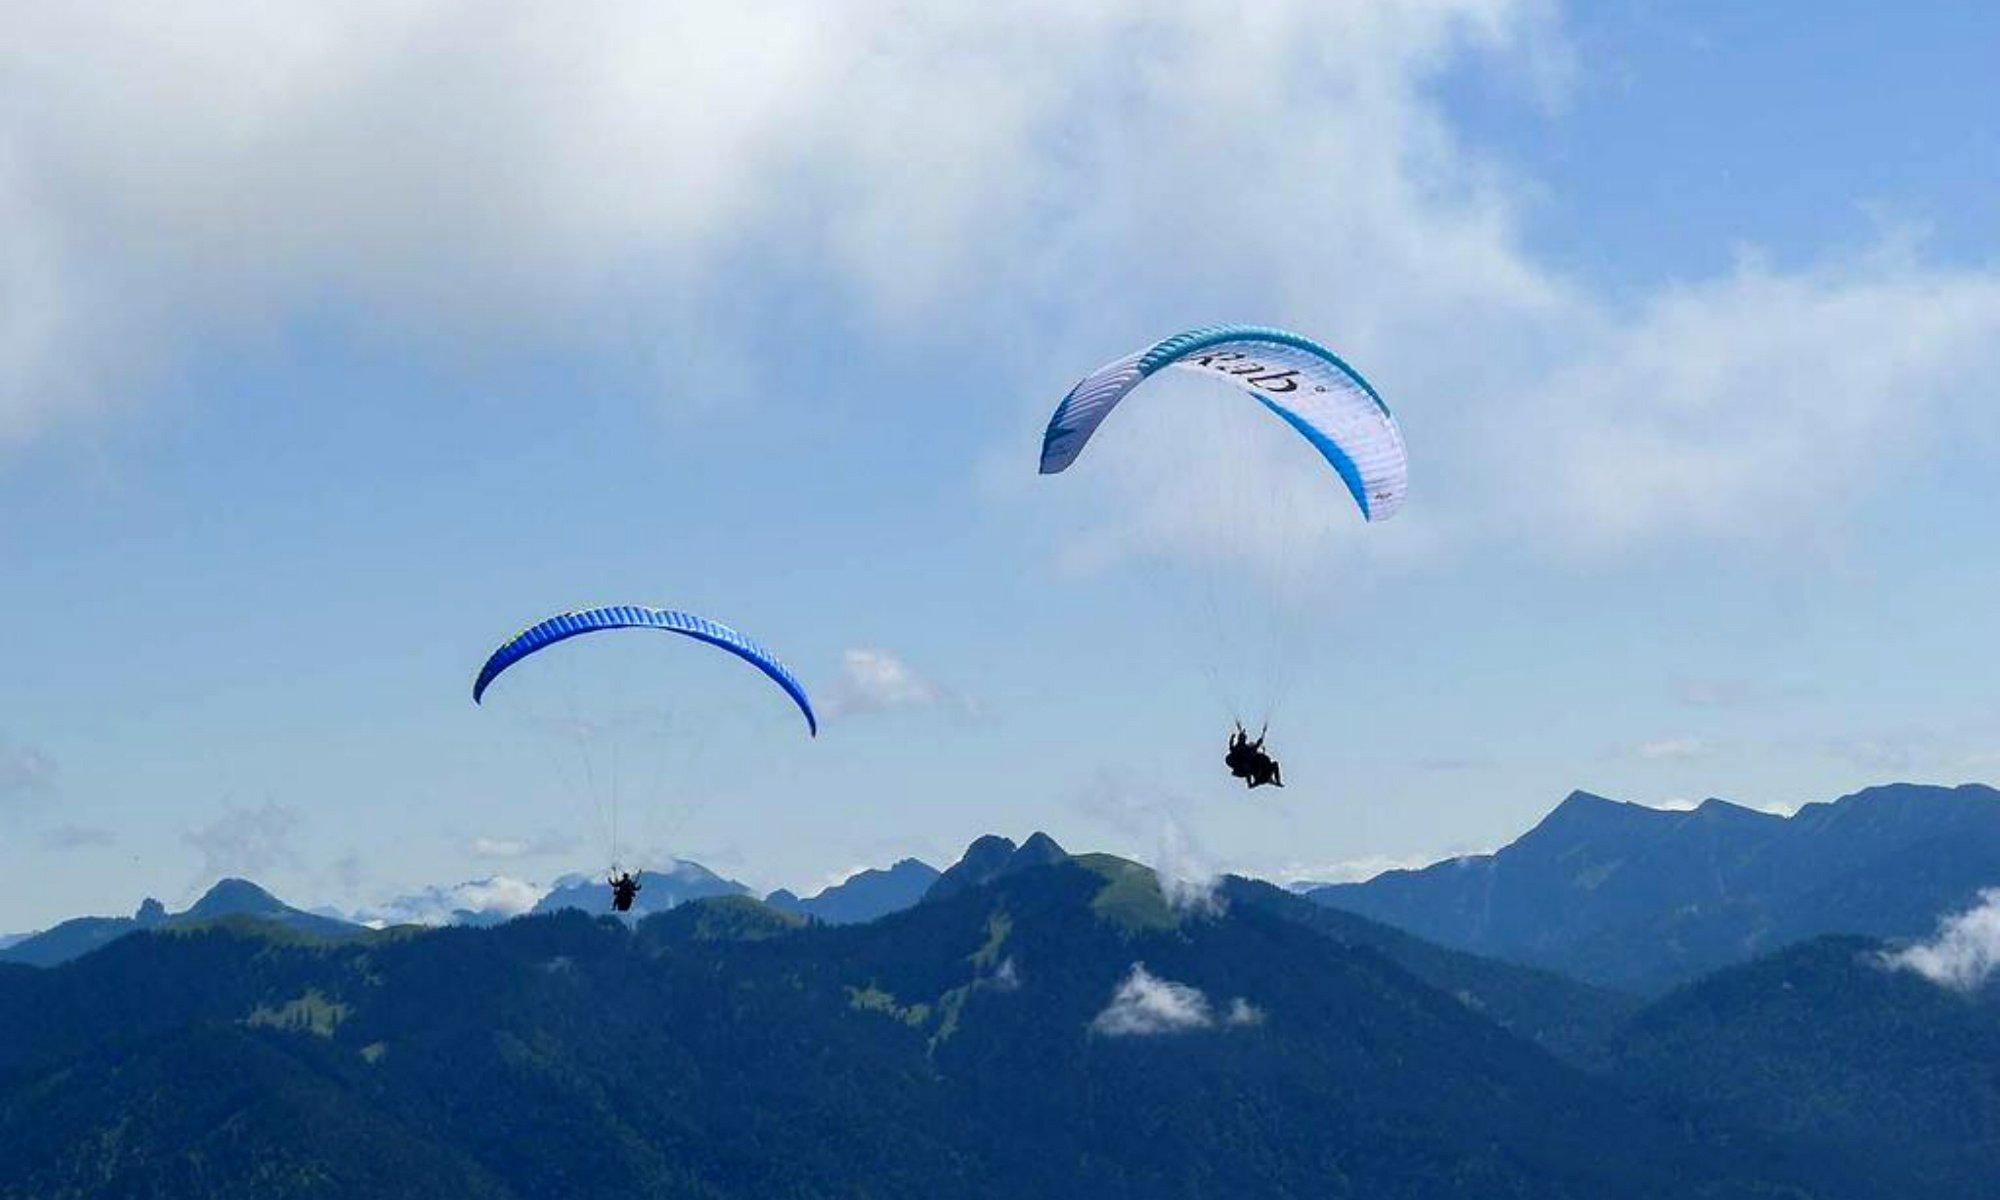 Das Bergpanorama der Bayerischen Alpen mit 2 Paraglidern im Vordergrund.